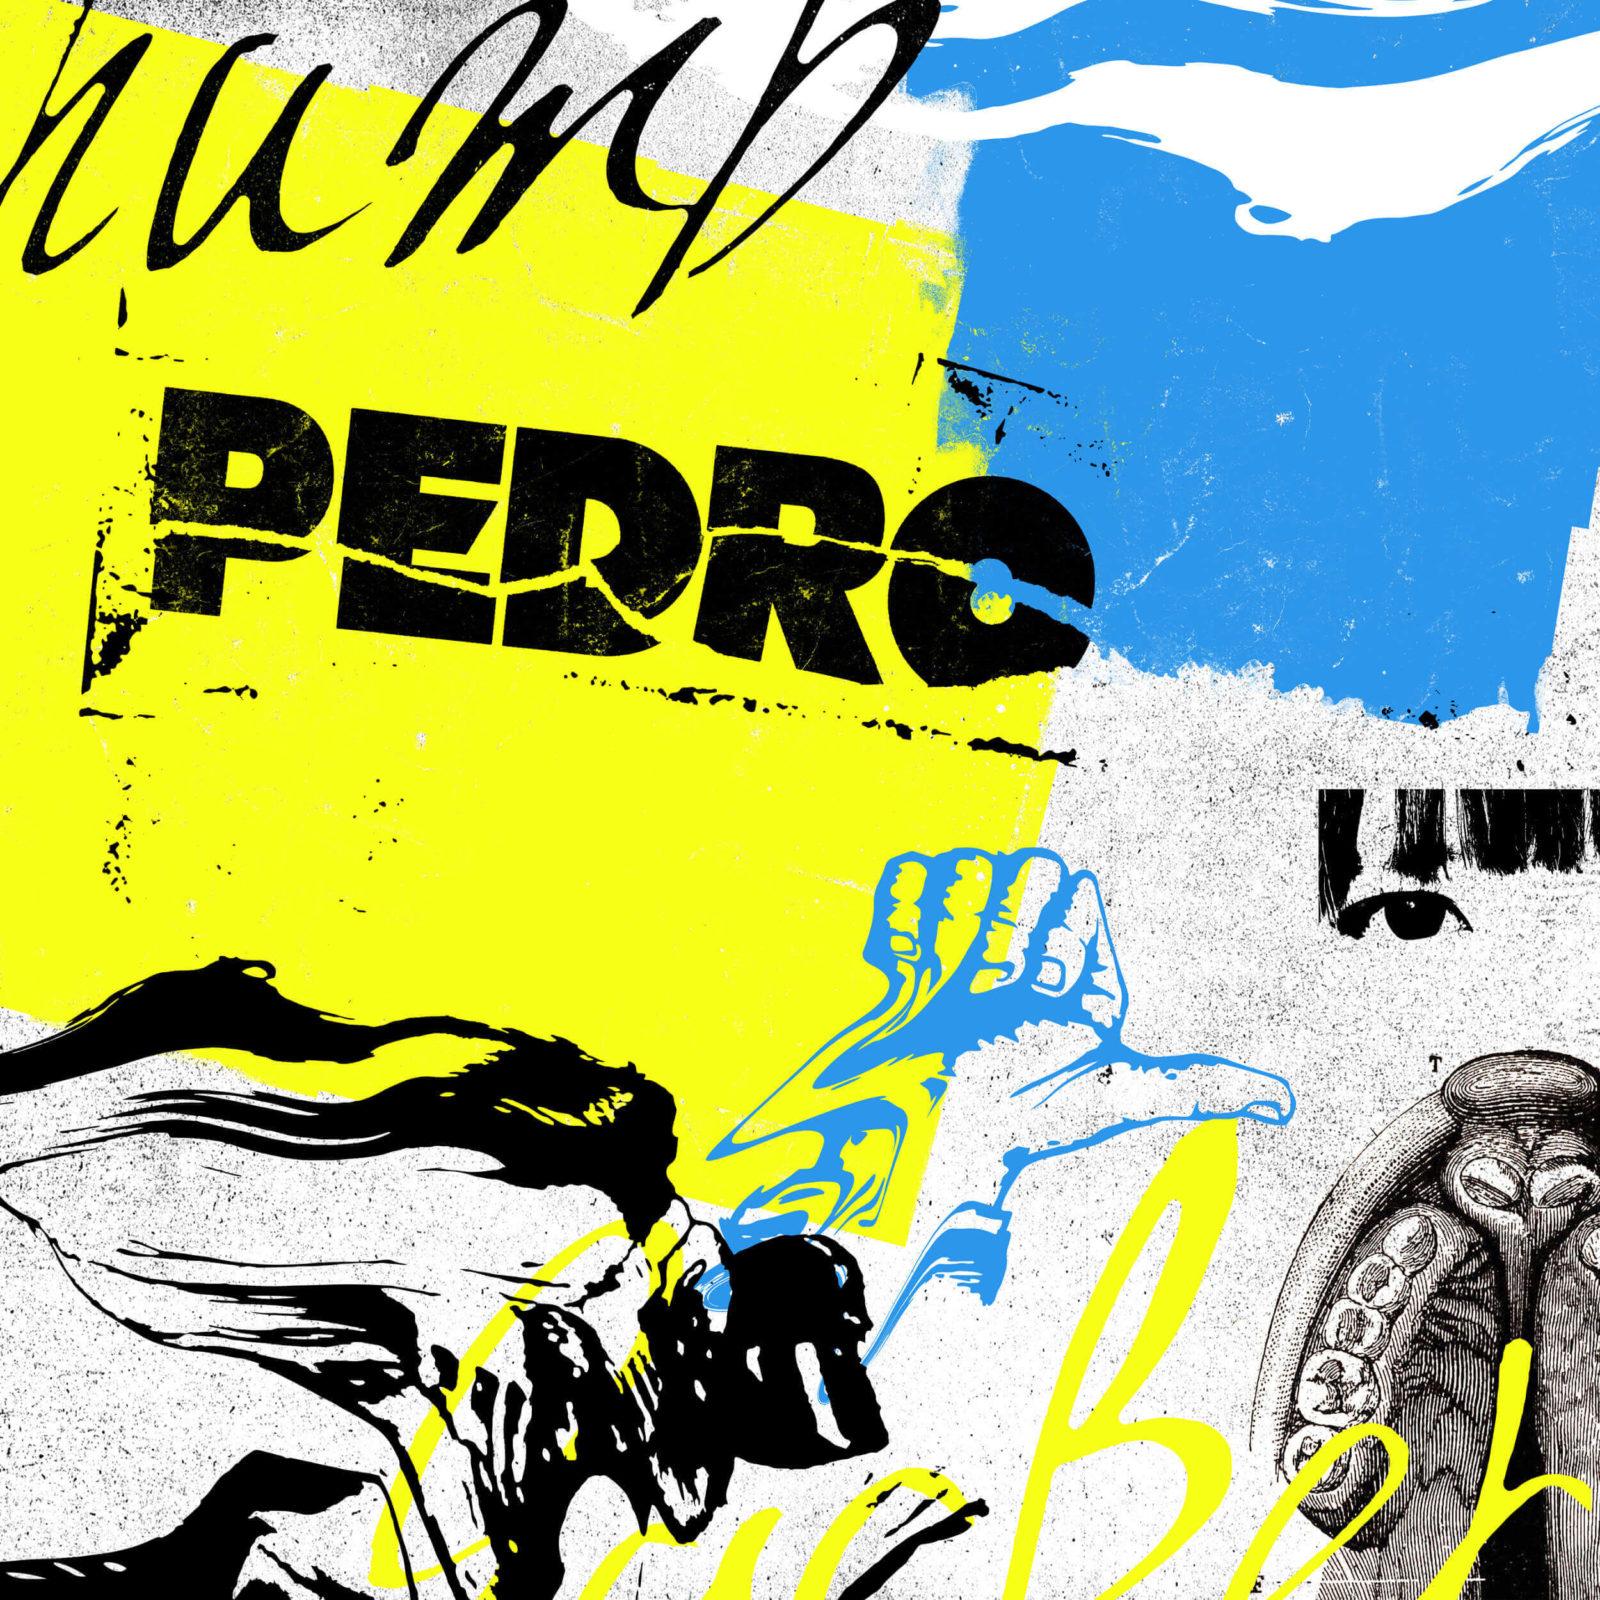 BiSHのアユニ・Dによるソロバンドプロジェクト「PEDRO」アルバム収録ドキュメンタリーのトレイラー映像を公開サムネイル画像!